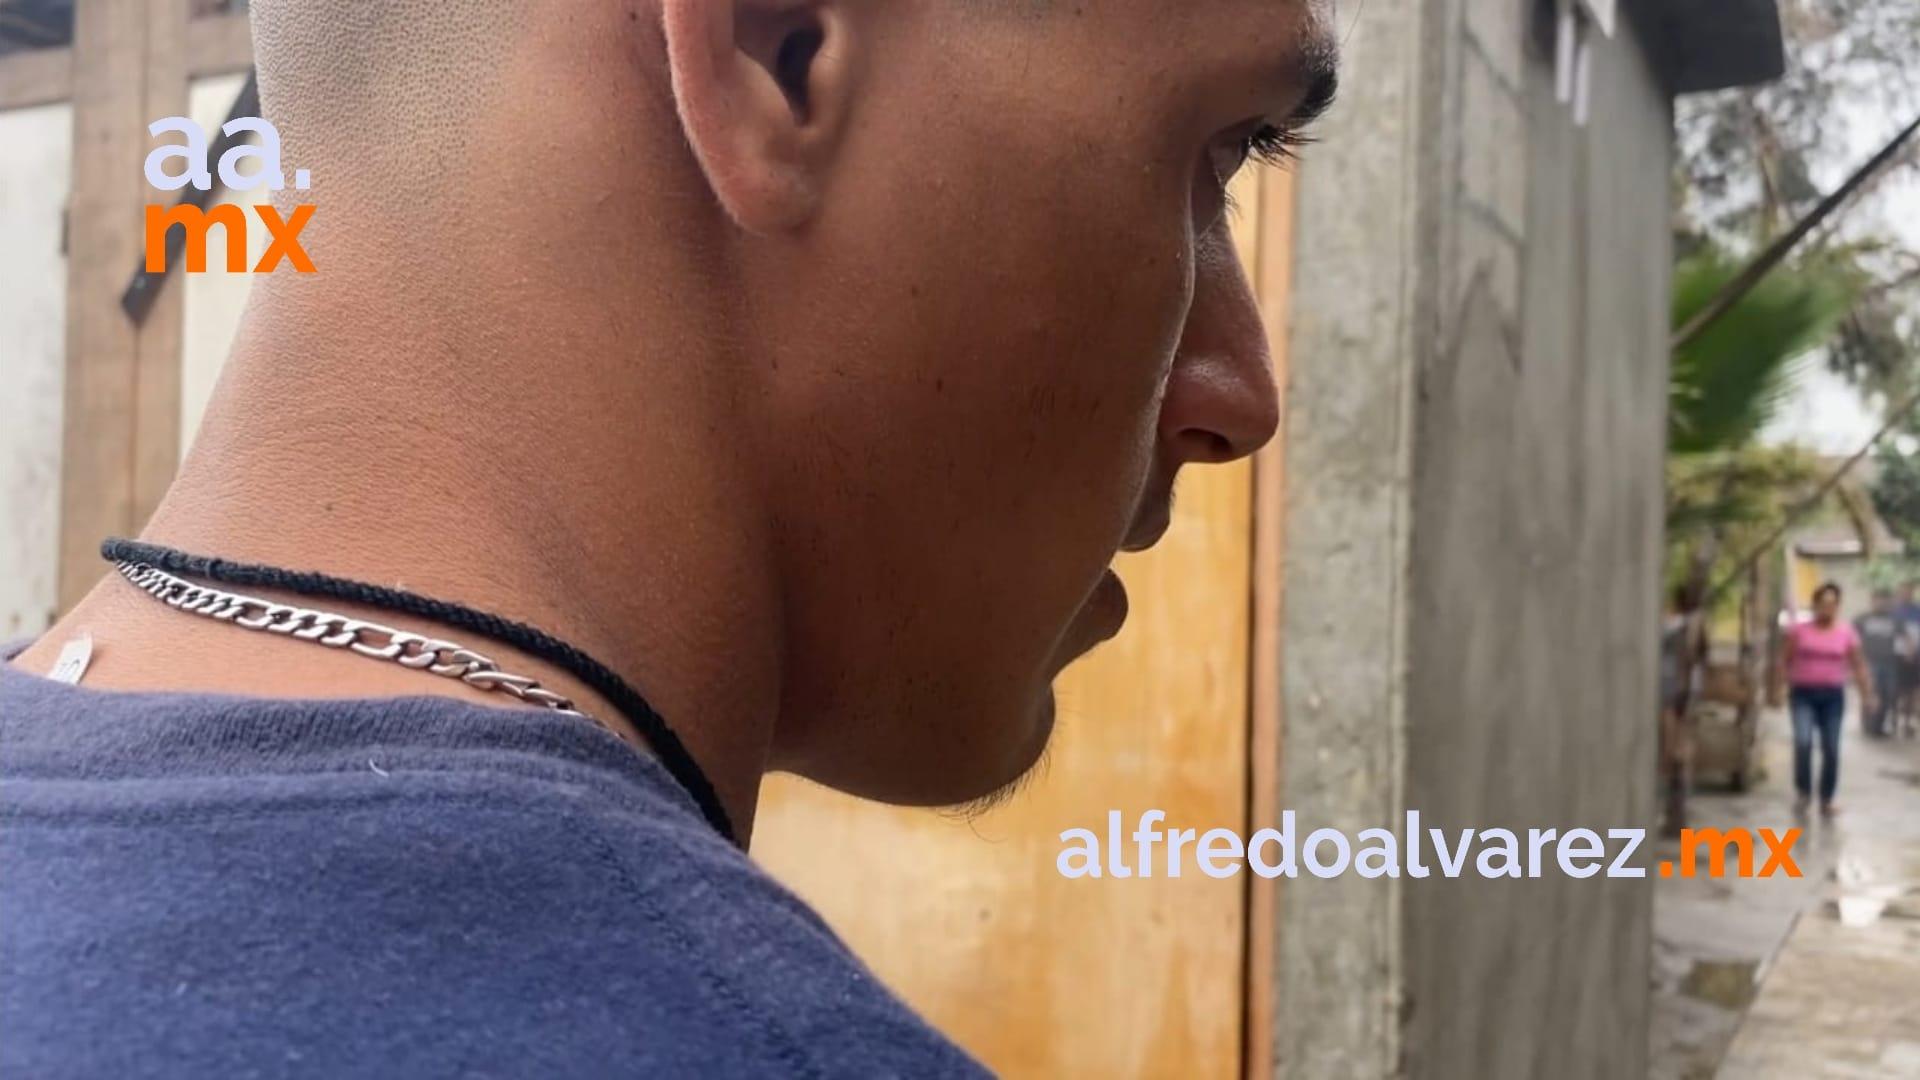 desplazados-por-la-violencia-llegan-a-tijuana-en-busca-de-asilo